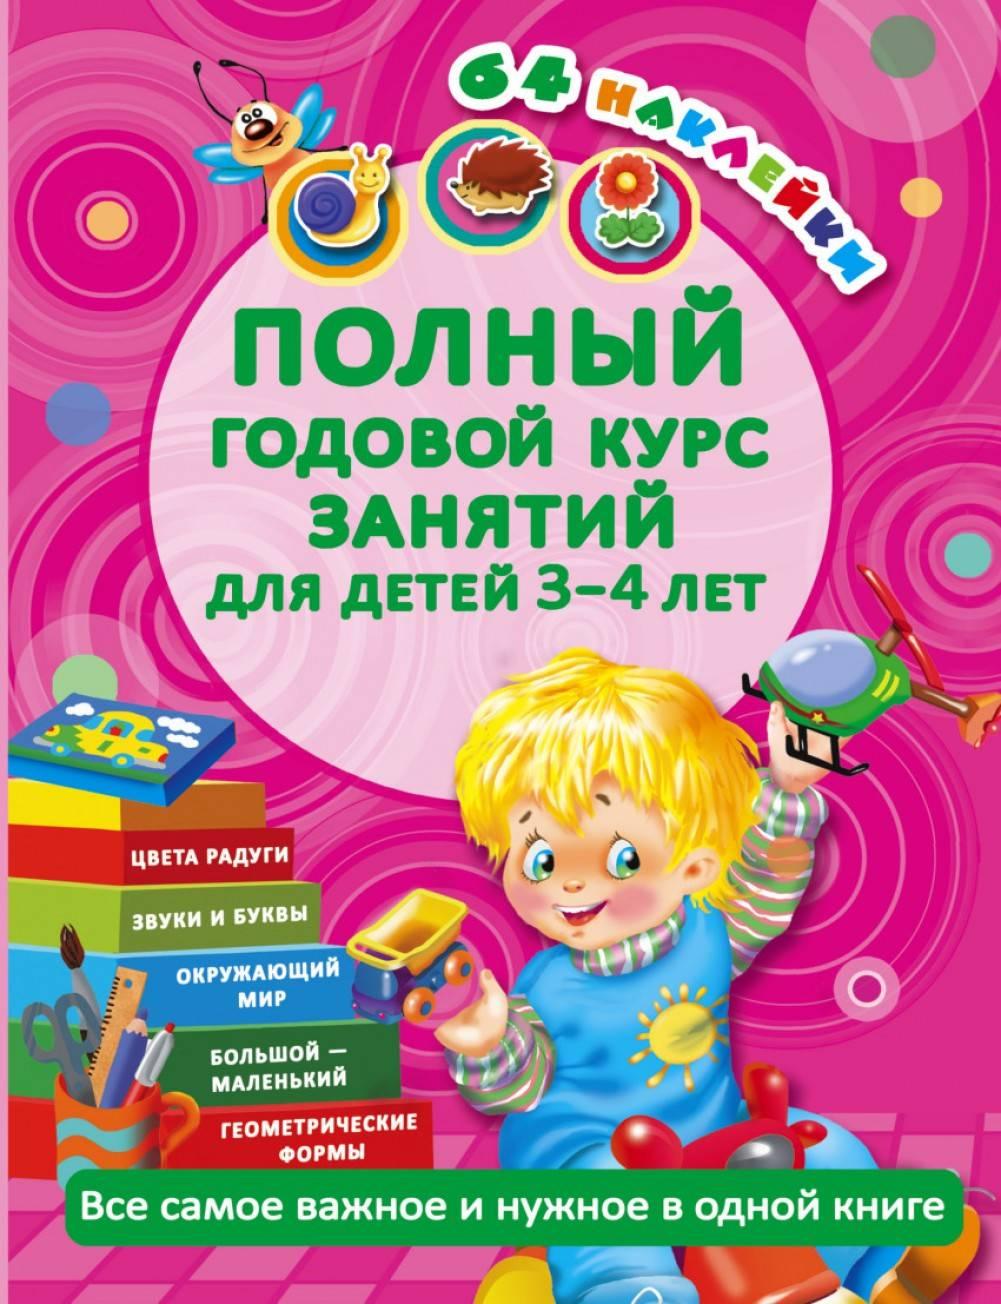 Развивающие книги для детей от 3-4 лет до 5: список лучшей детской литературы